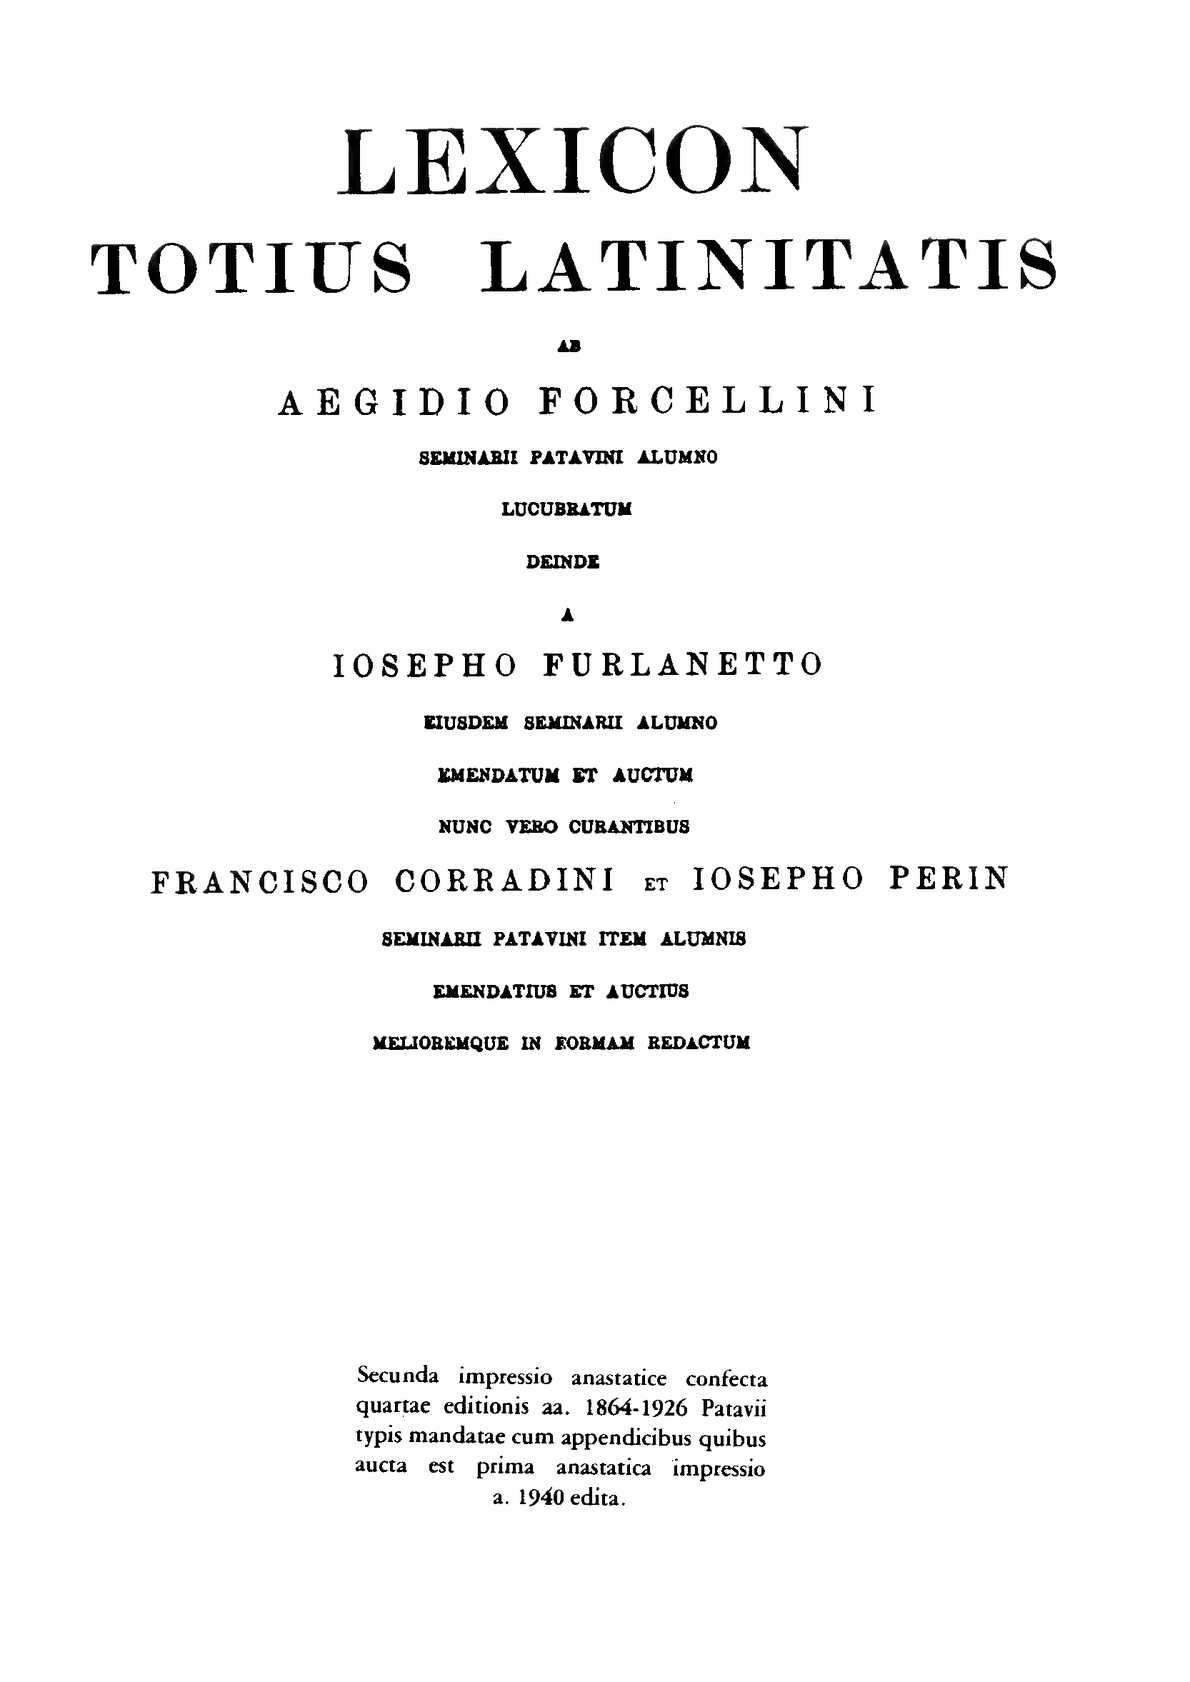 Calaméo Lexicon totius latinitatis A Caldarius Forcellini Aegidio Corradini Franciscus Perin Josephus 1940